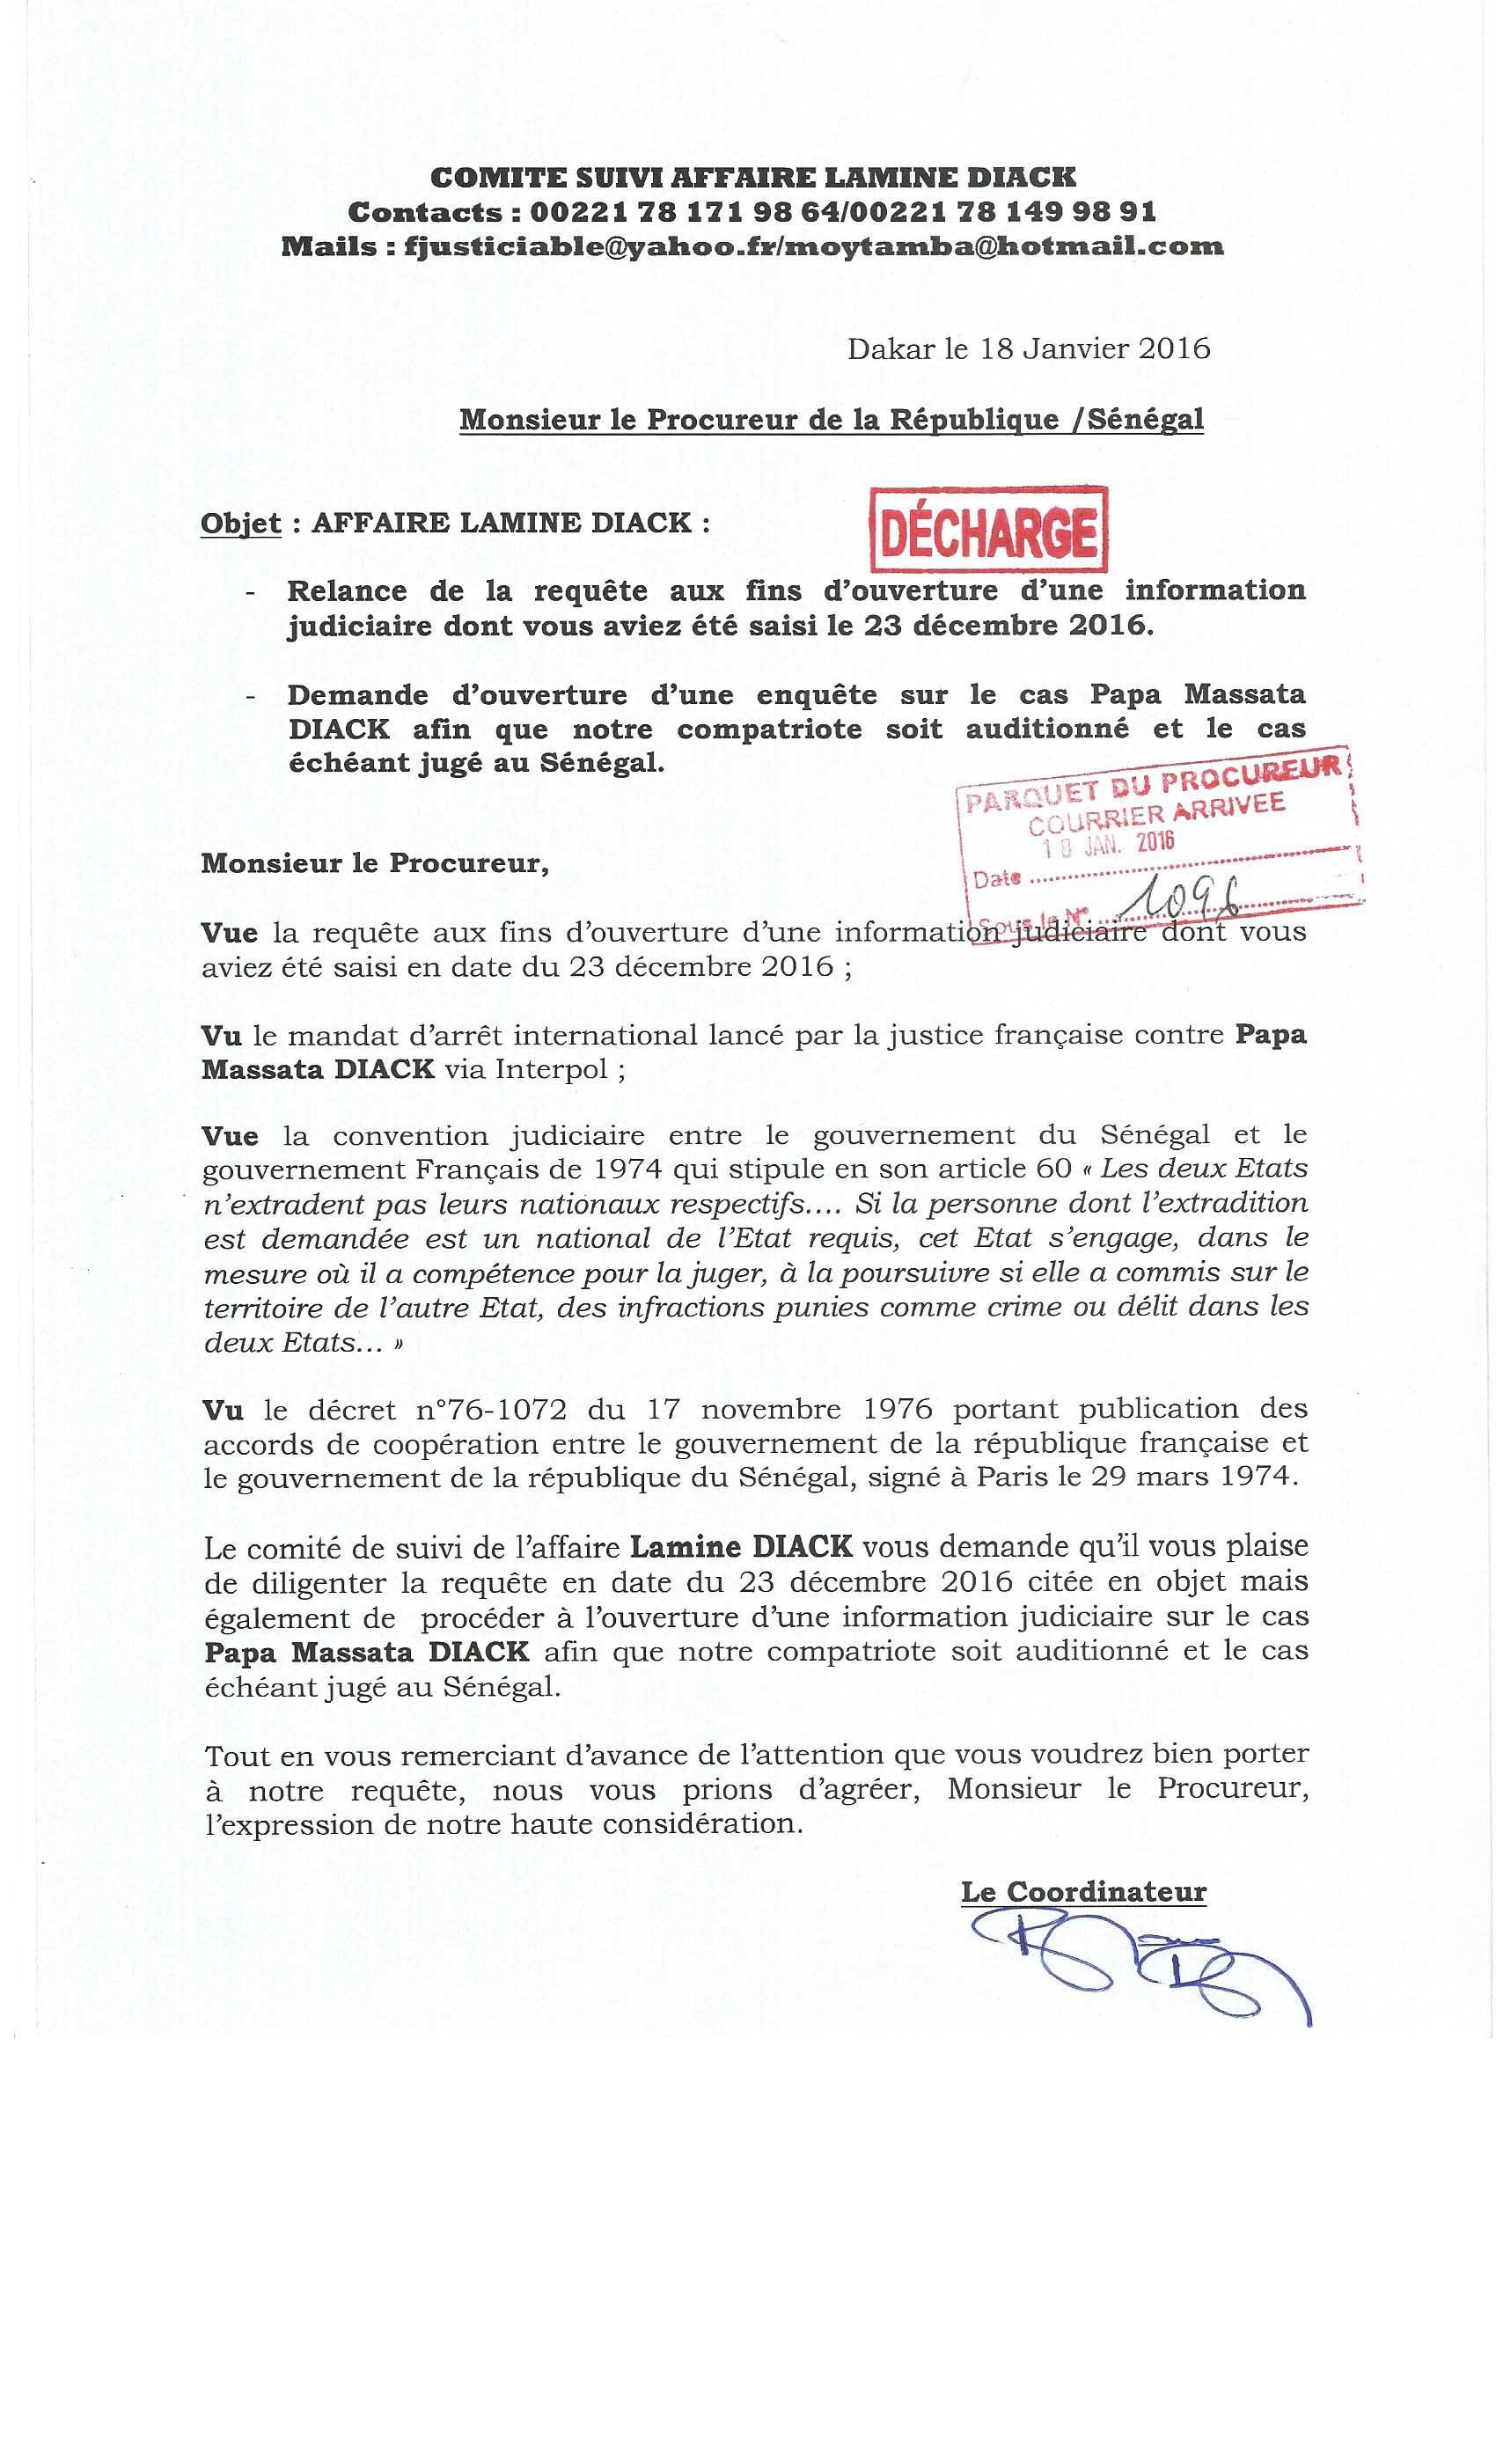 Affaire Lamine Diack : Le comité de suivi de l'affaire relance le Procureur pour l'ouverture d'une information judiciaire